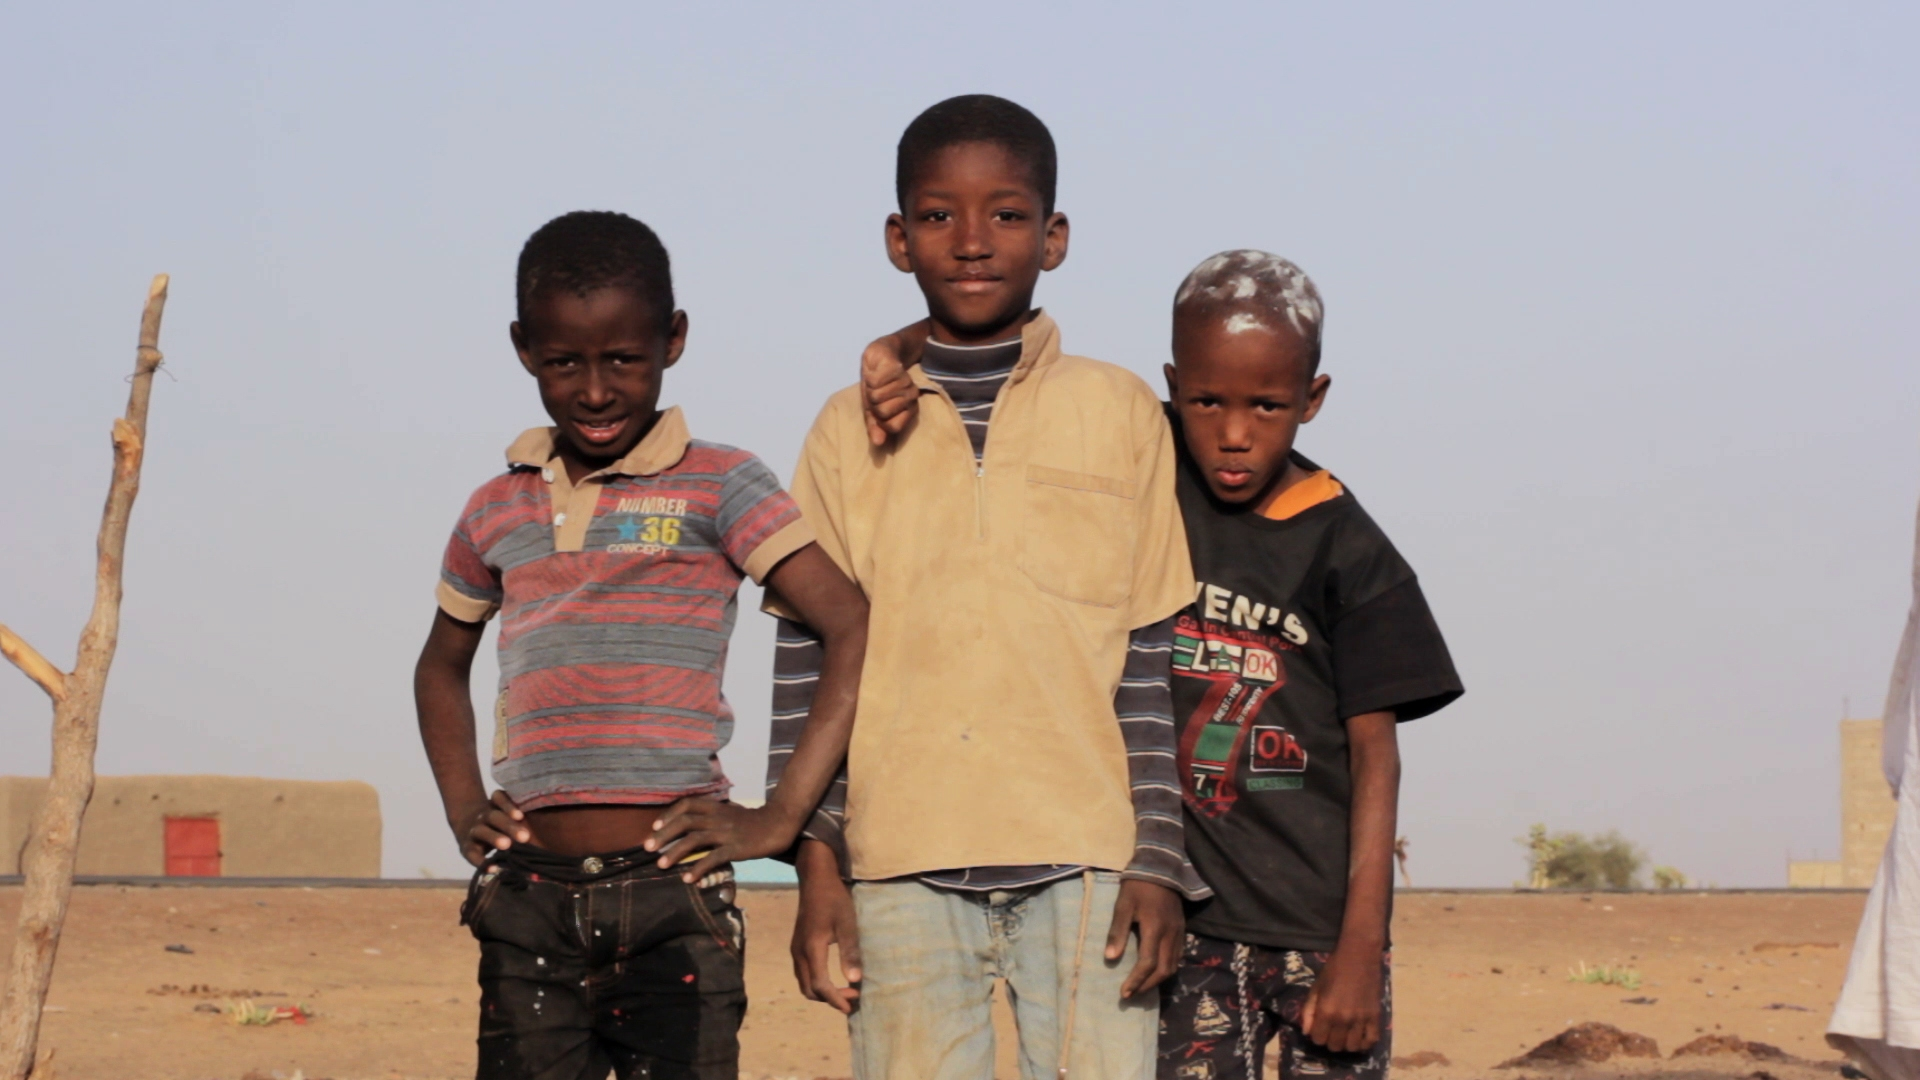 tres ninos mauritania pablocaminante - Mauritania 5/5, Gogui